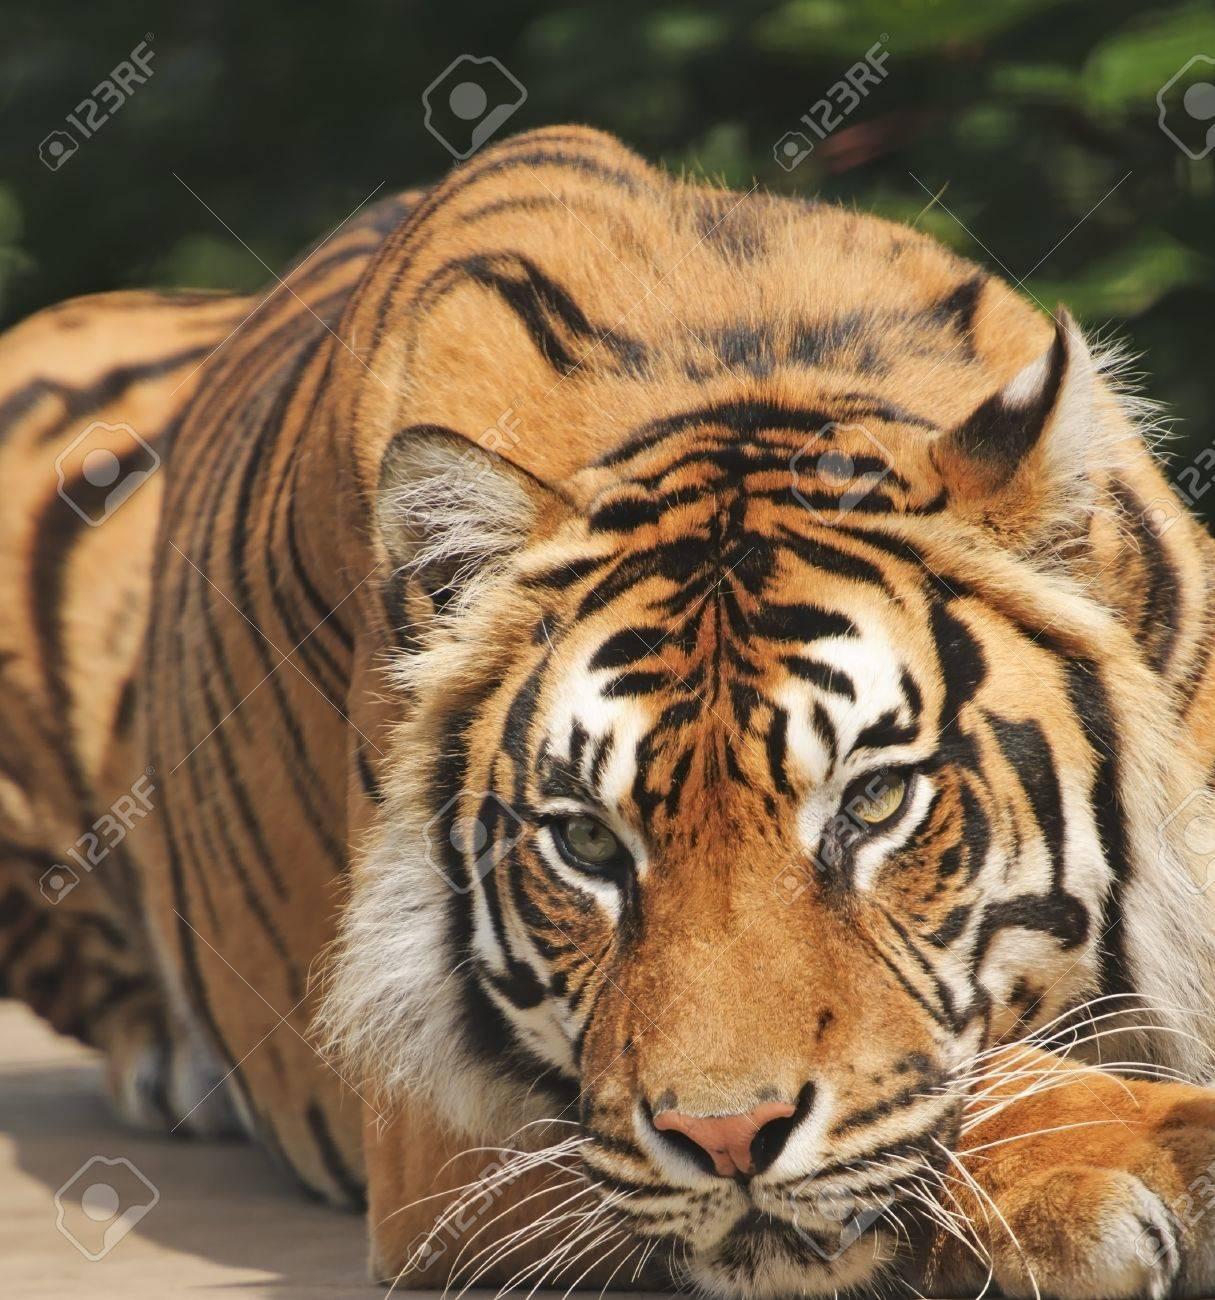 Closeup of Sumatran Tiger (Panthera tigris sumatrae) Stock Photo - 7527759